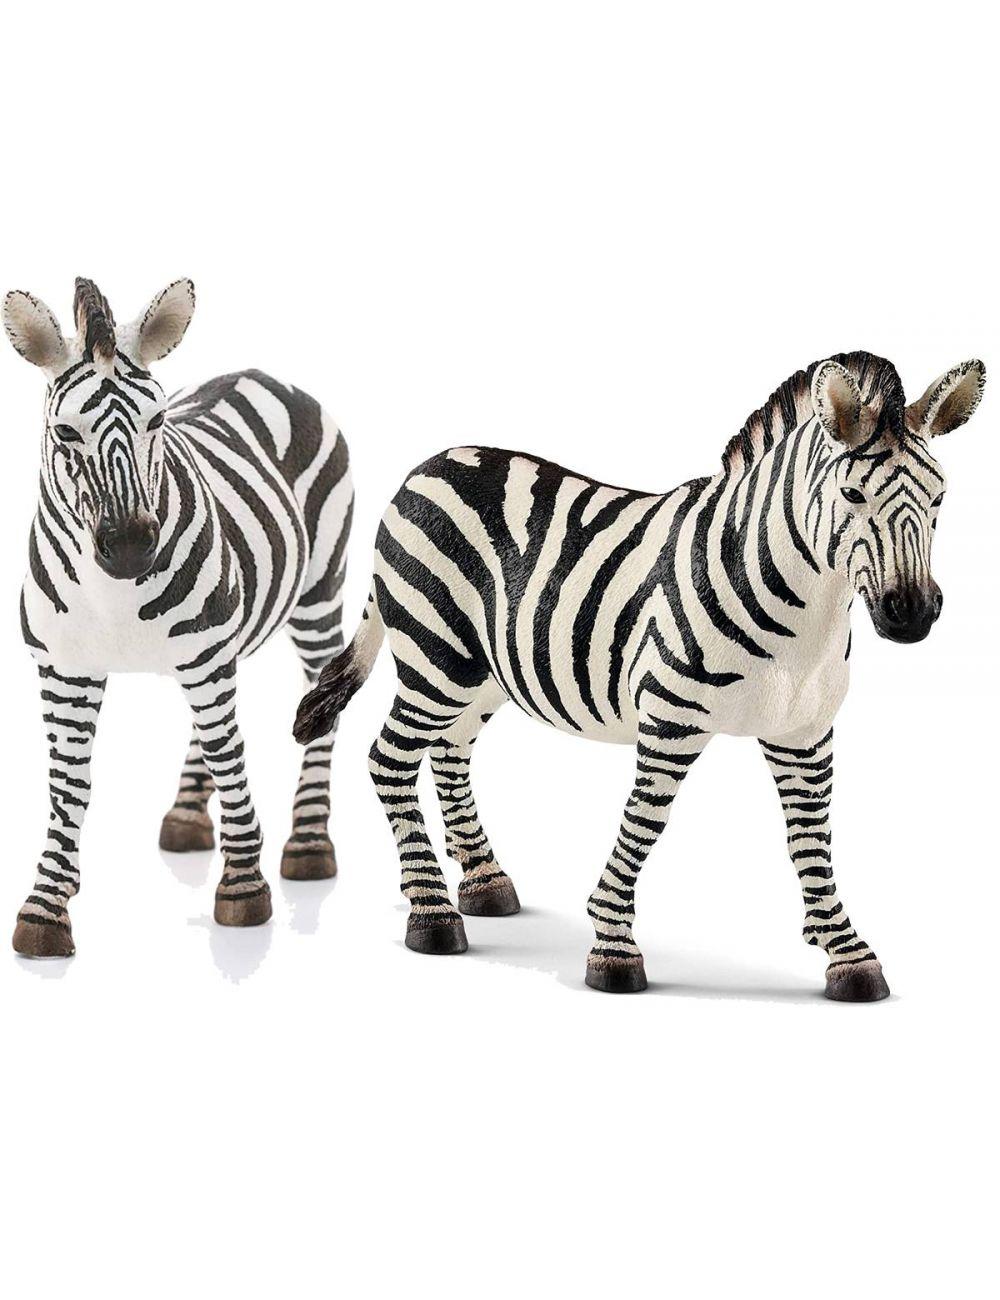 Schleich 14810 Samica Zebry Figurka Wild Life